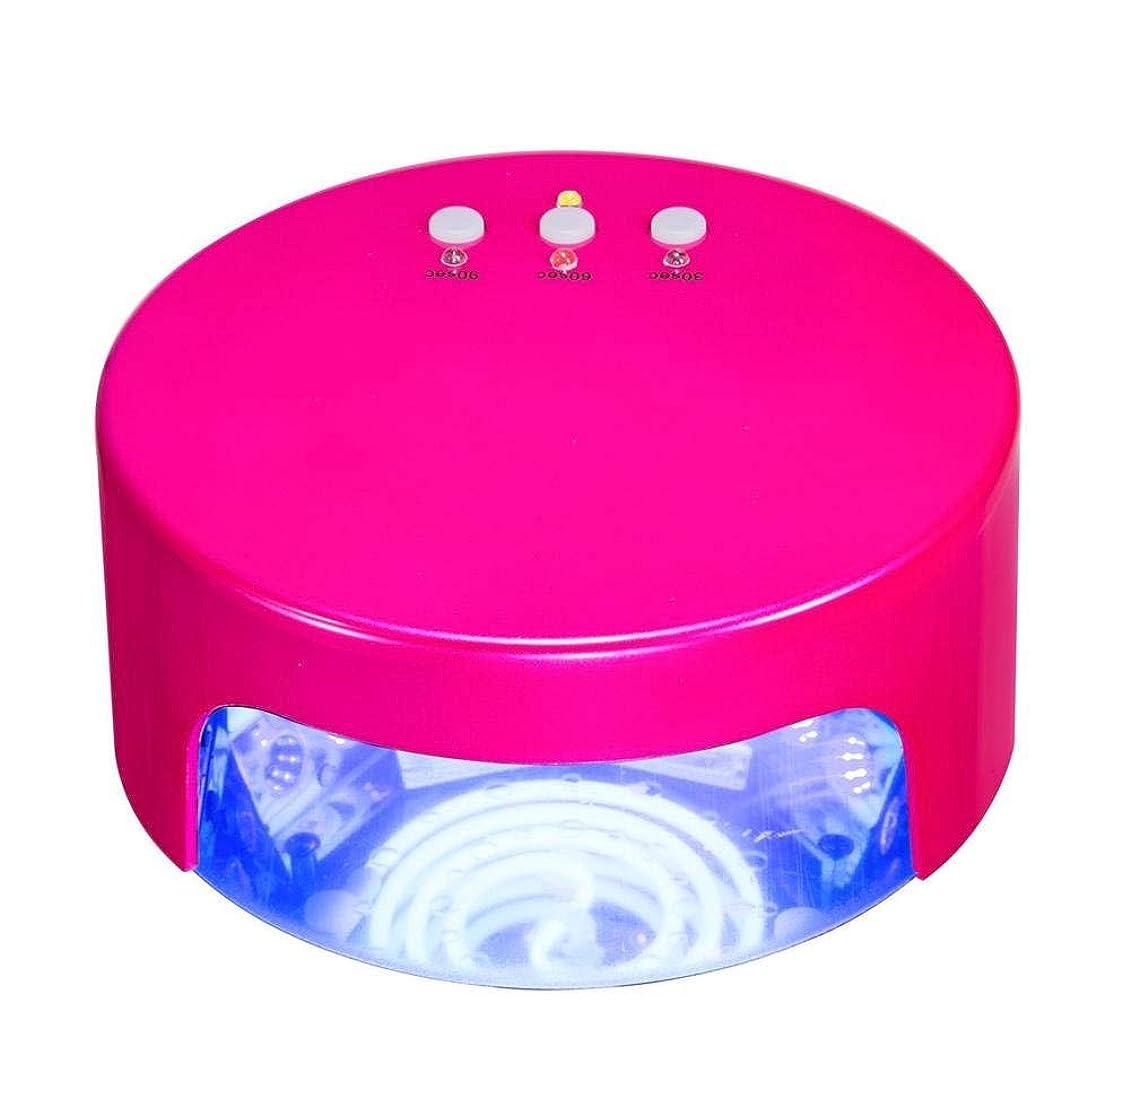 セットアップアパル打倒30W/60s/90sタイマー、自動センサーが付いている治癒のゲルのマニキュアのネイルアートのマニキュア用具のための36W LED UVネイルLampNailドライヤーライトマシン